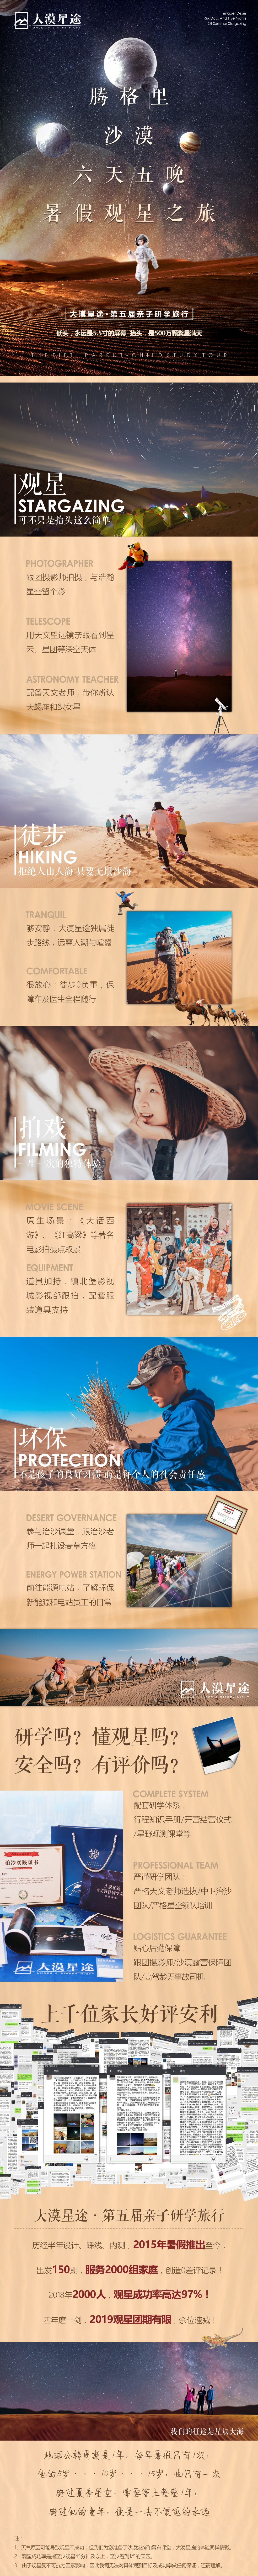 2019大漠星途长图.jpg